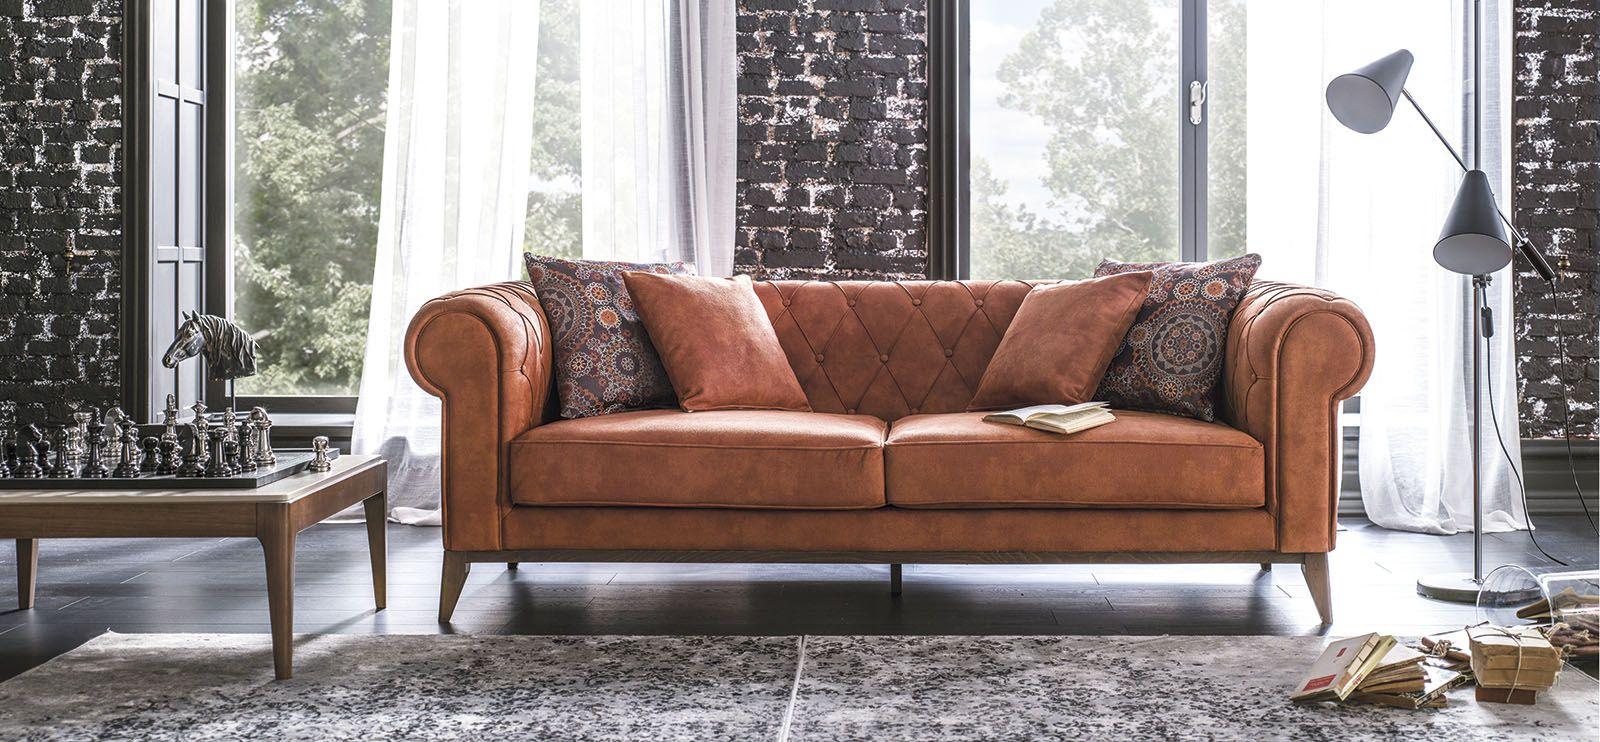 Yatak olabilen tekli koltuk fiyatlar quotes - Yemek Odas Ndan Gen Odas Na Yatak E Itlerinden Tekstil Ve Aksesuara Kadar Birbirinden Geni R N Yelpazesiyle